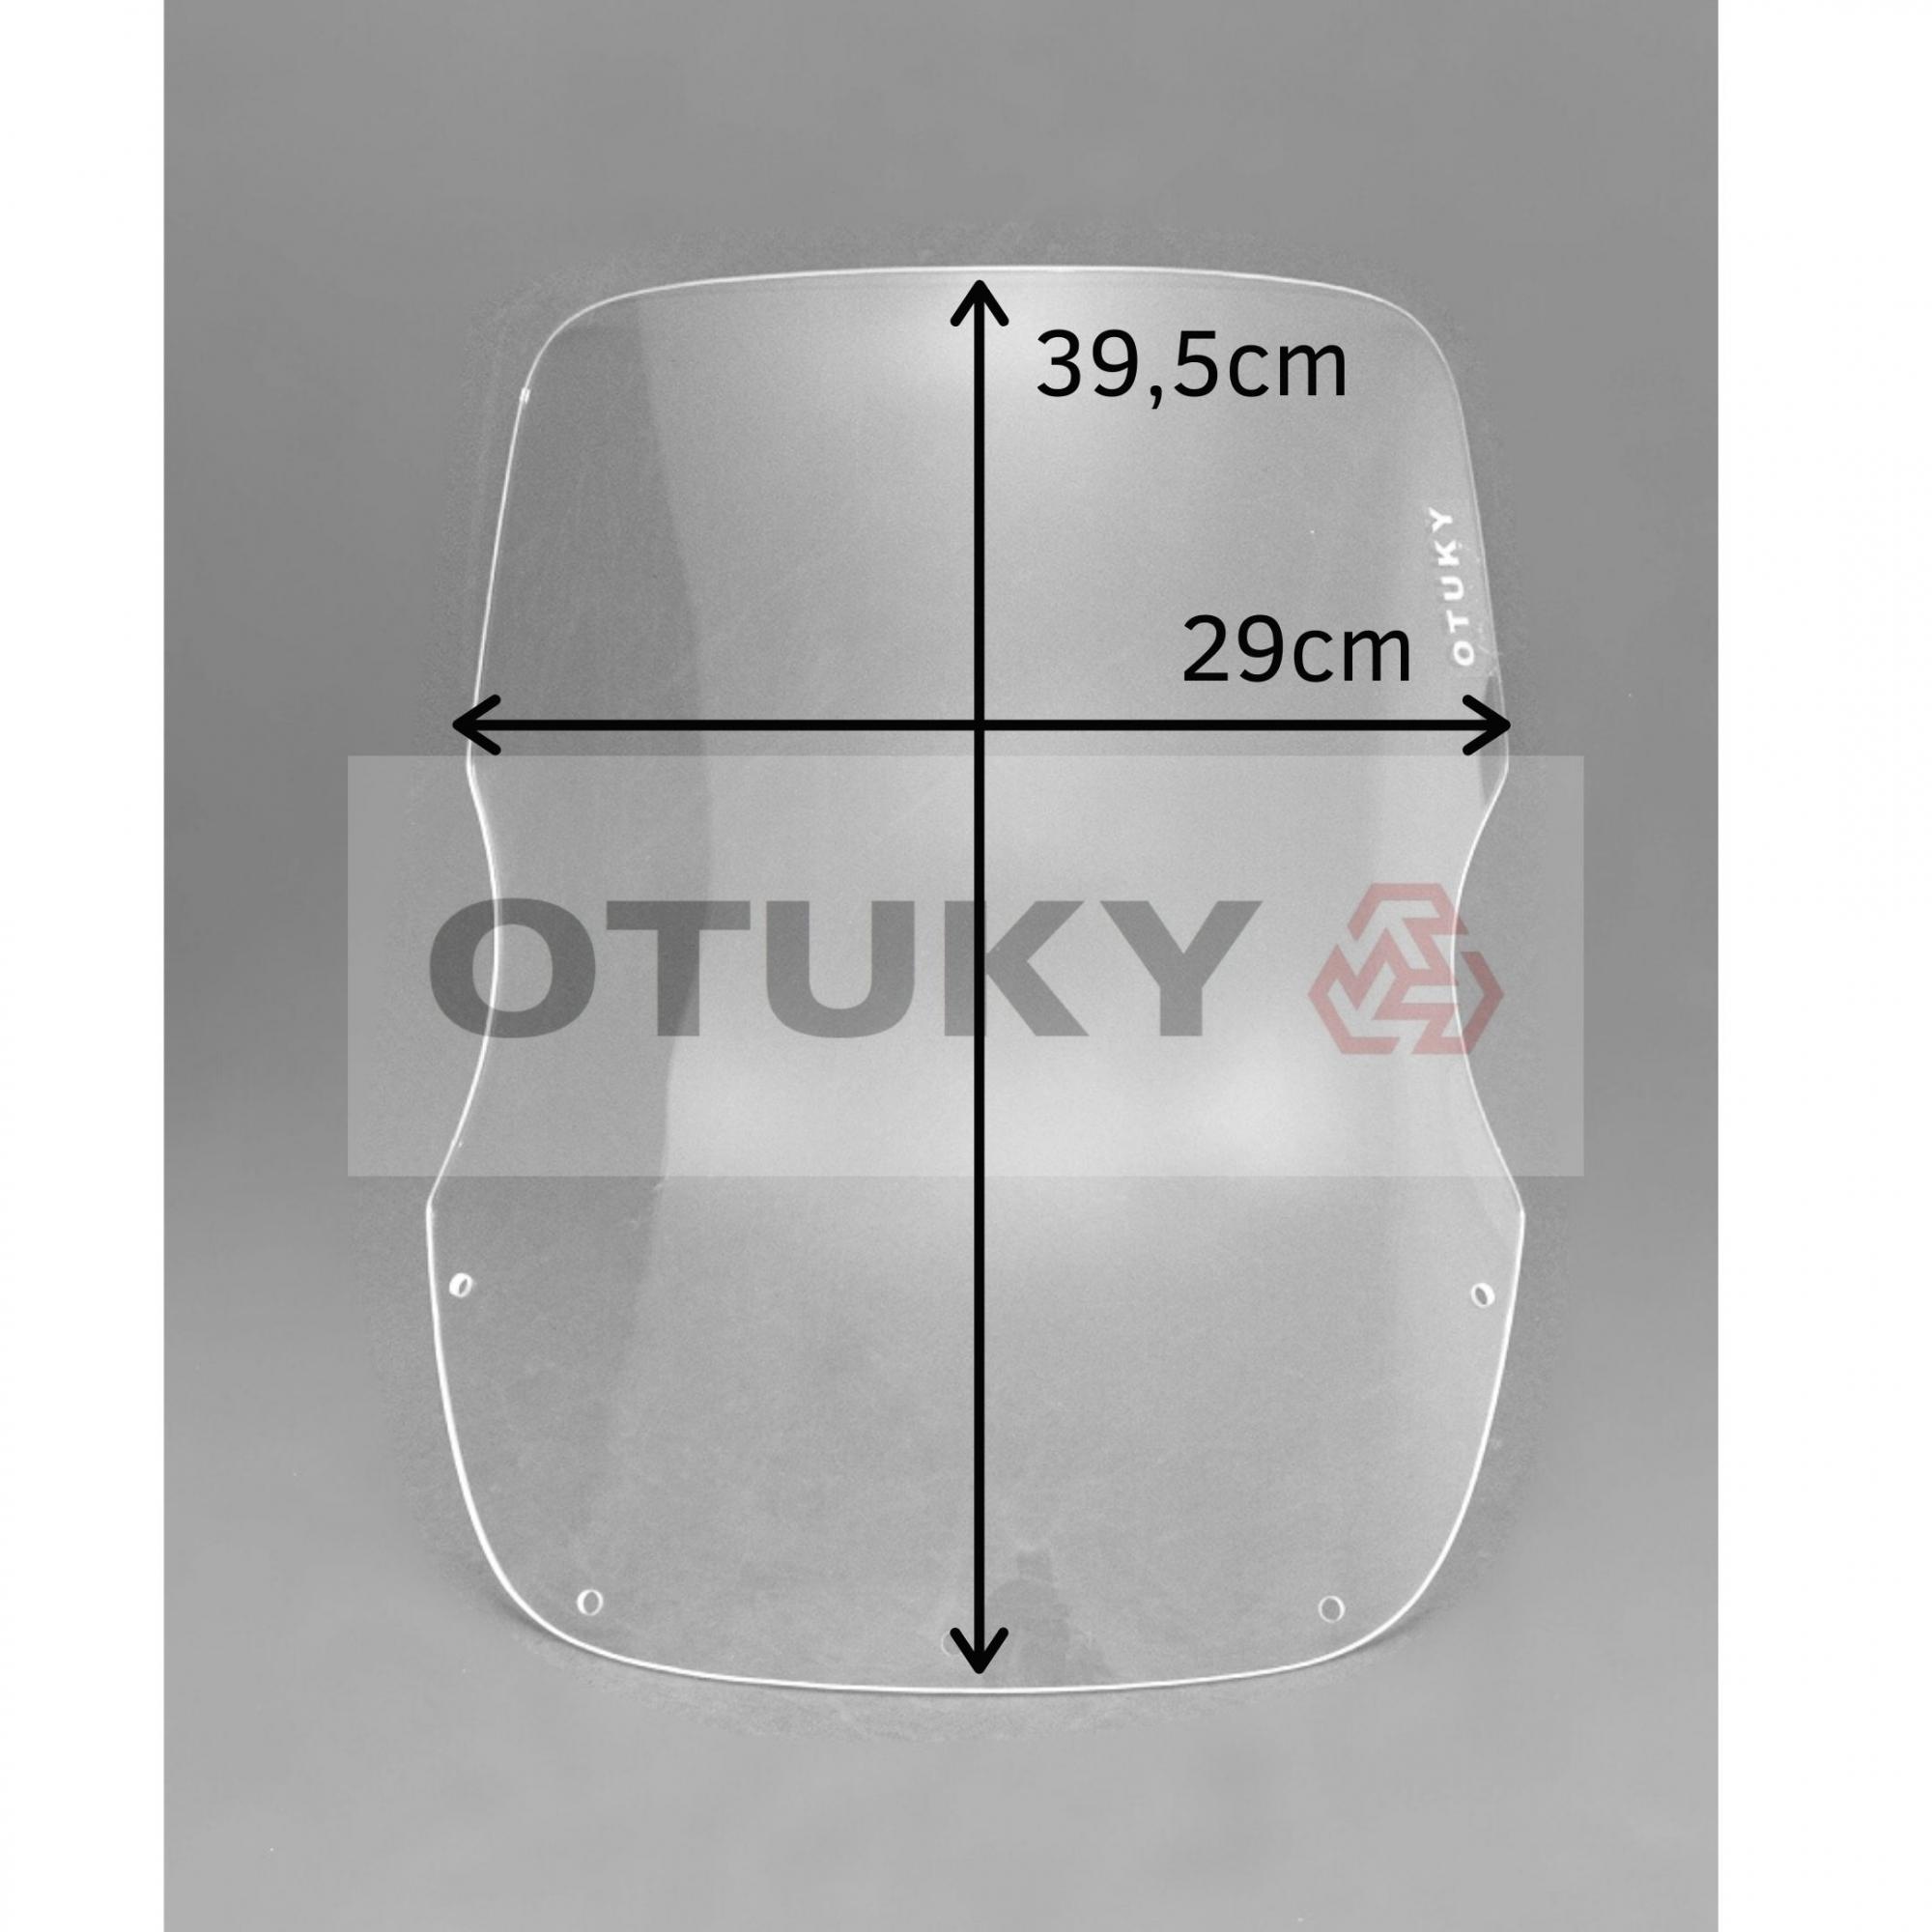 Bolha para Moto Super Ténéré XTZ 750 Otuky Alongada Cristal